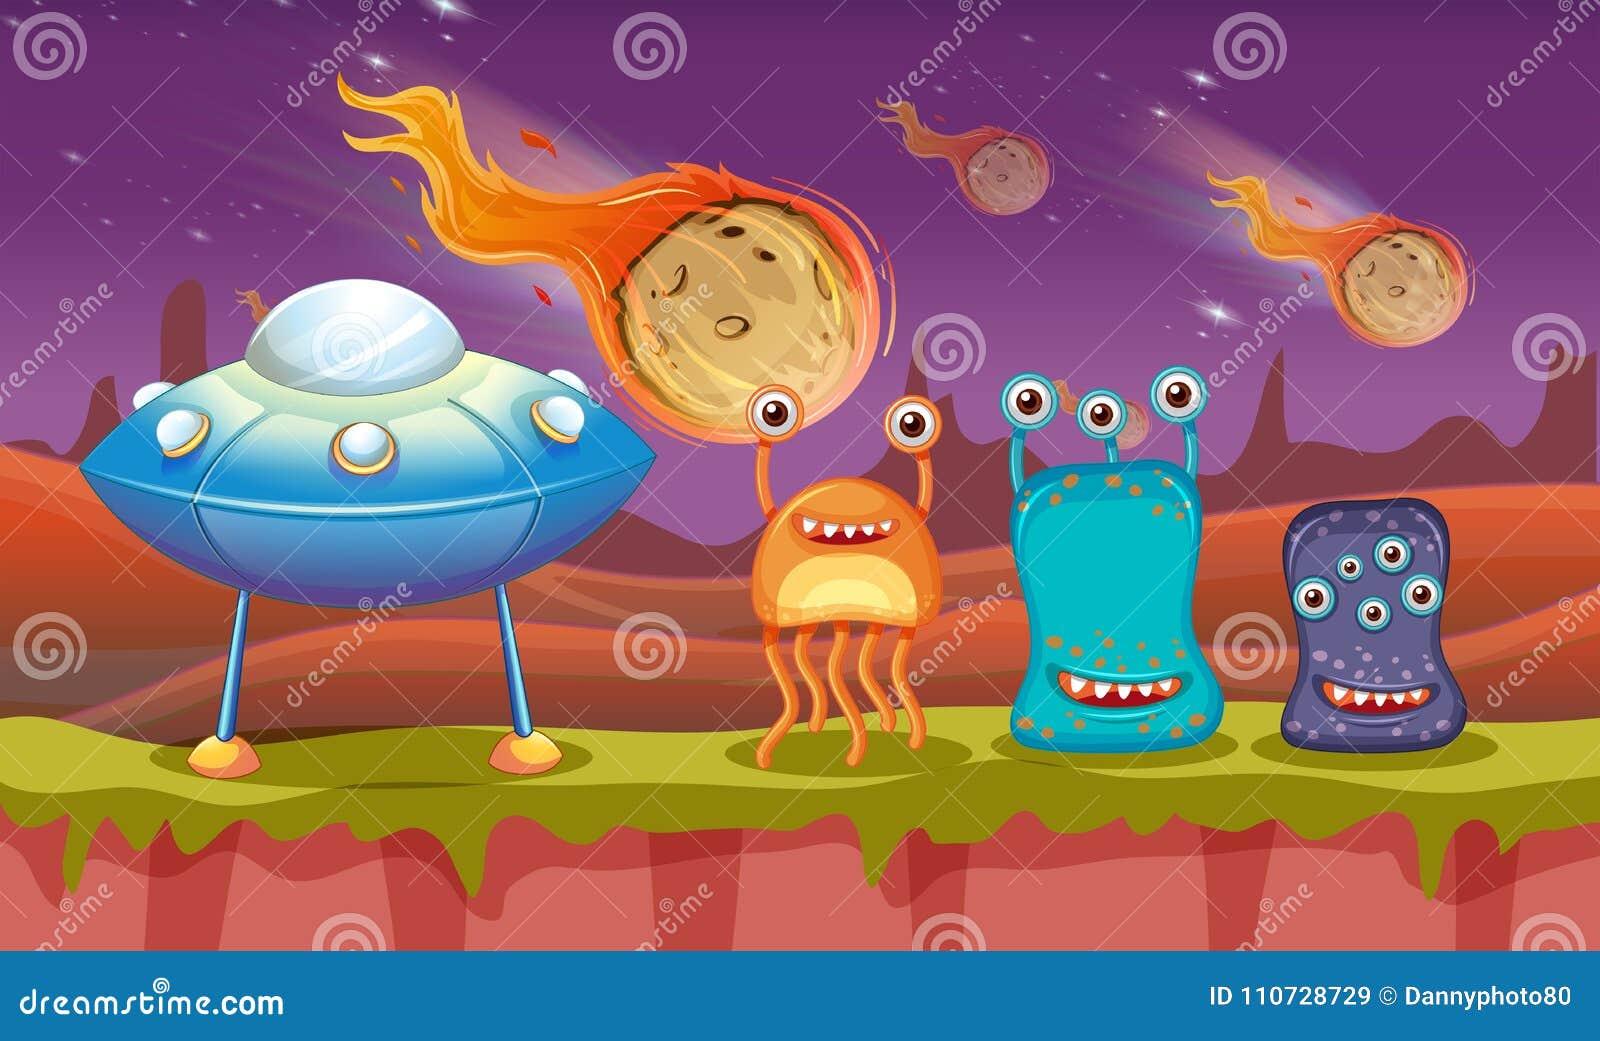 Trzy UFO na planecie i obcy